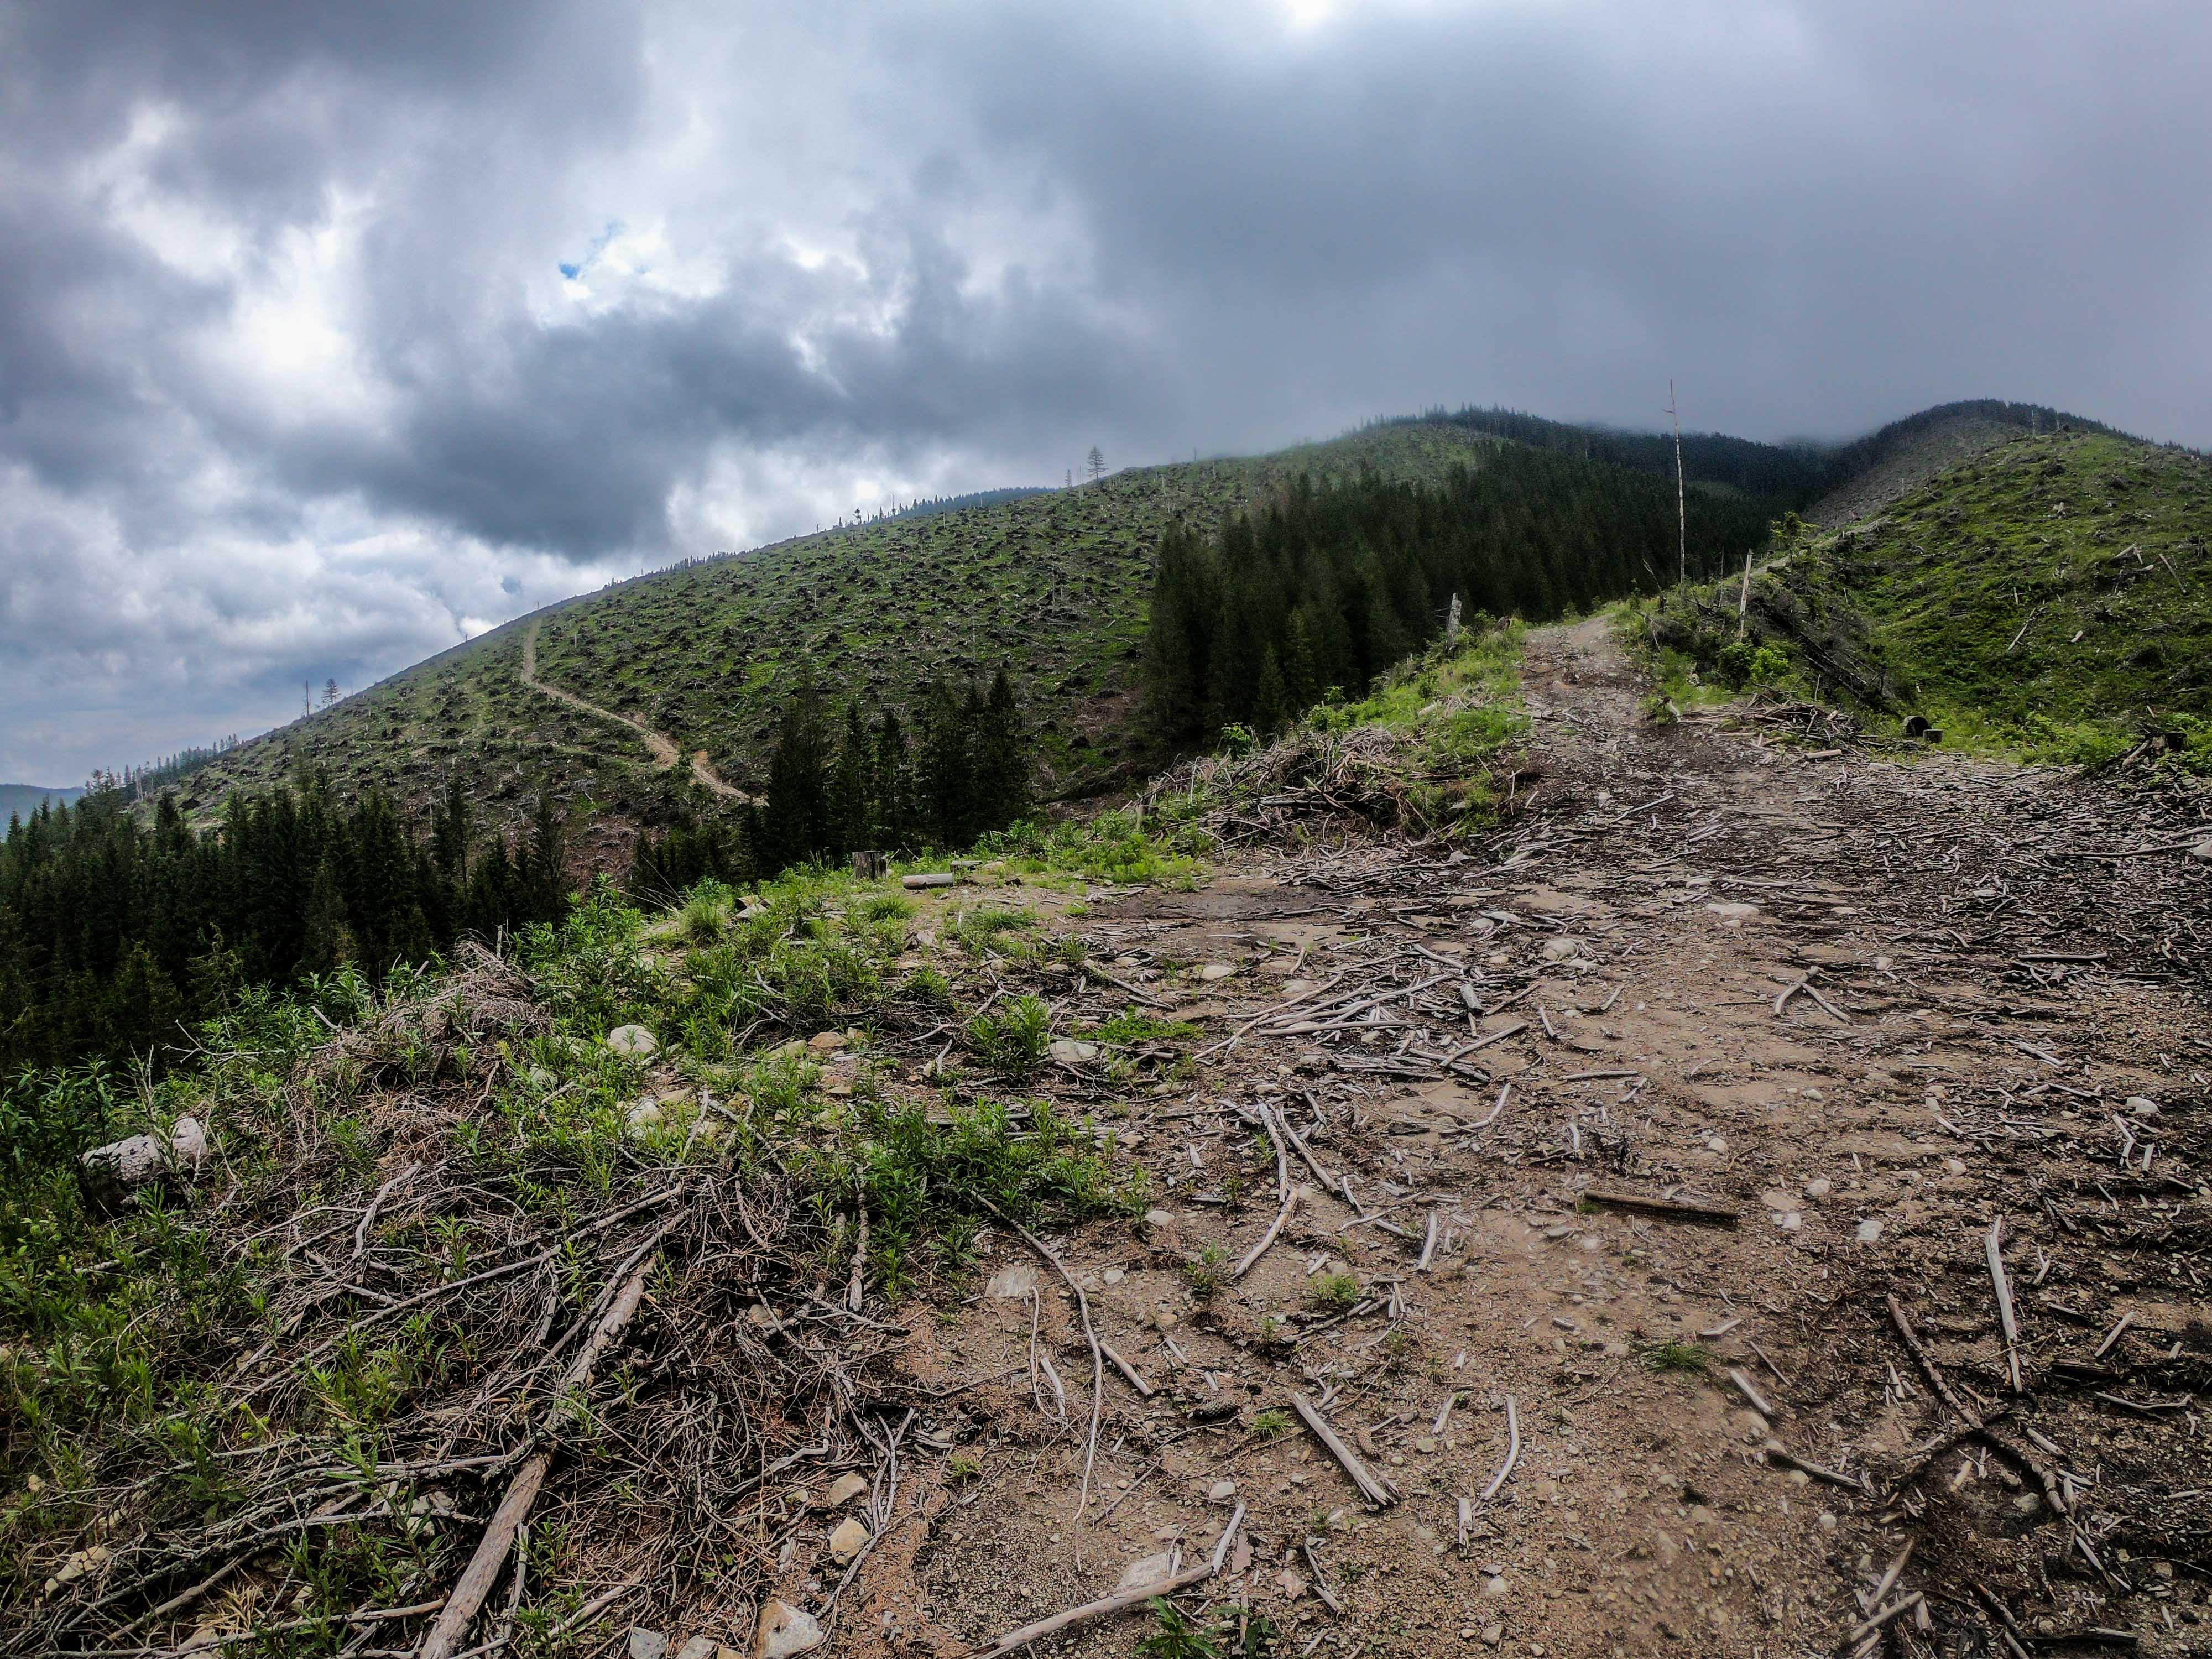 Hrebeňovka Nízkych Tatier Veľmi smutné pohľady na rozlúčku lemovali veľkú časť cesty klesania z hrebeňa